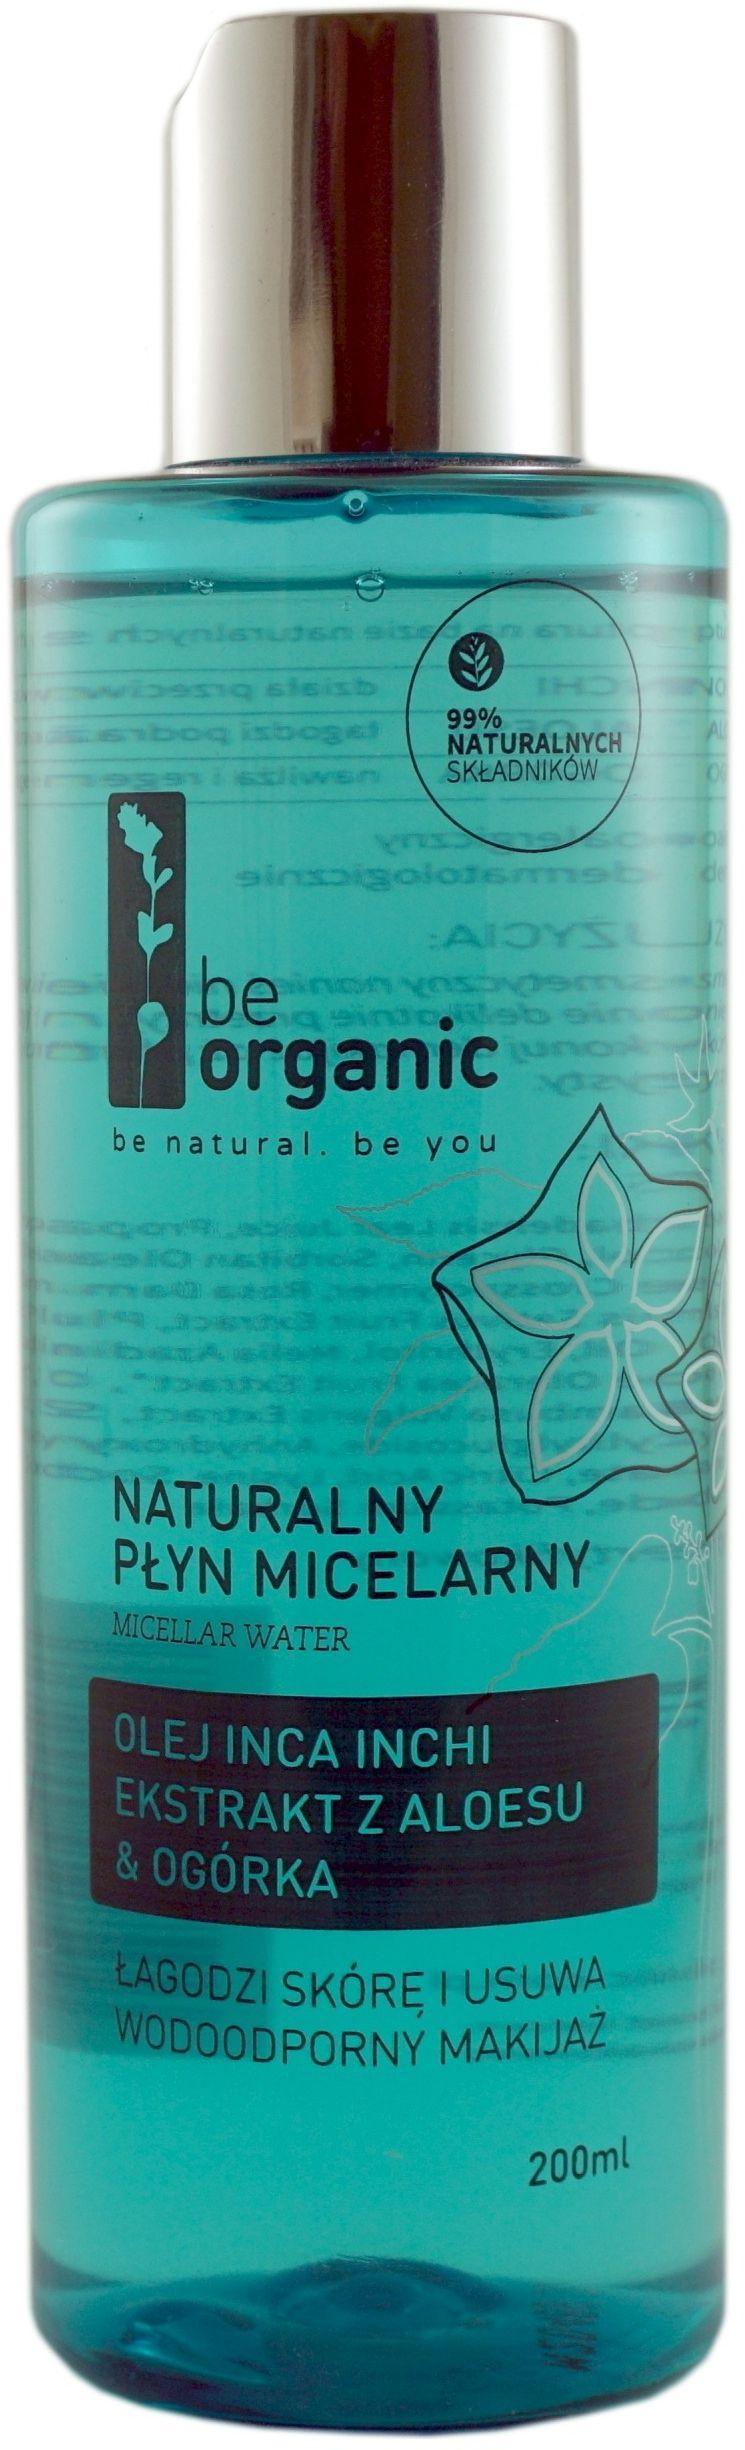 Naturalny Płyn Micelarny 200ml - Be Organic